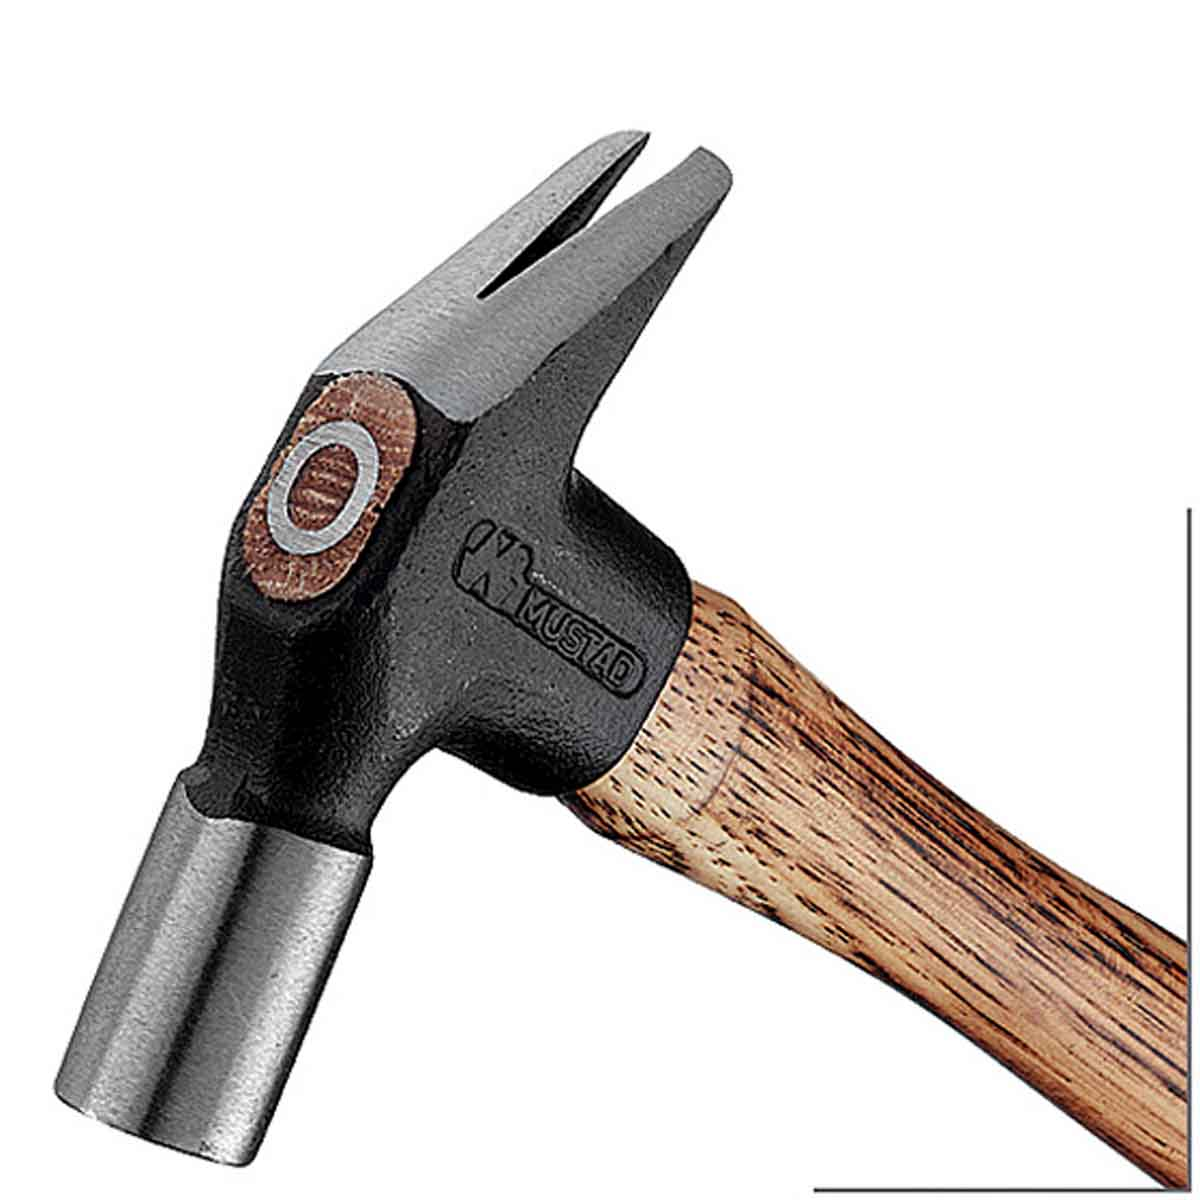 Mustad Nailing Hammers